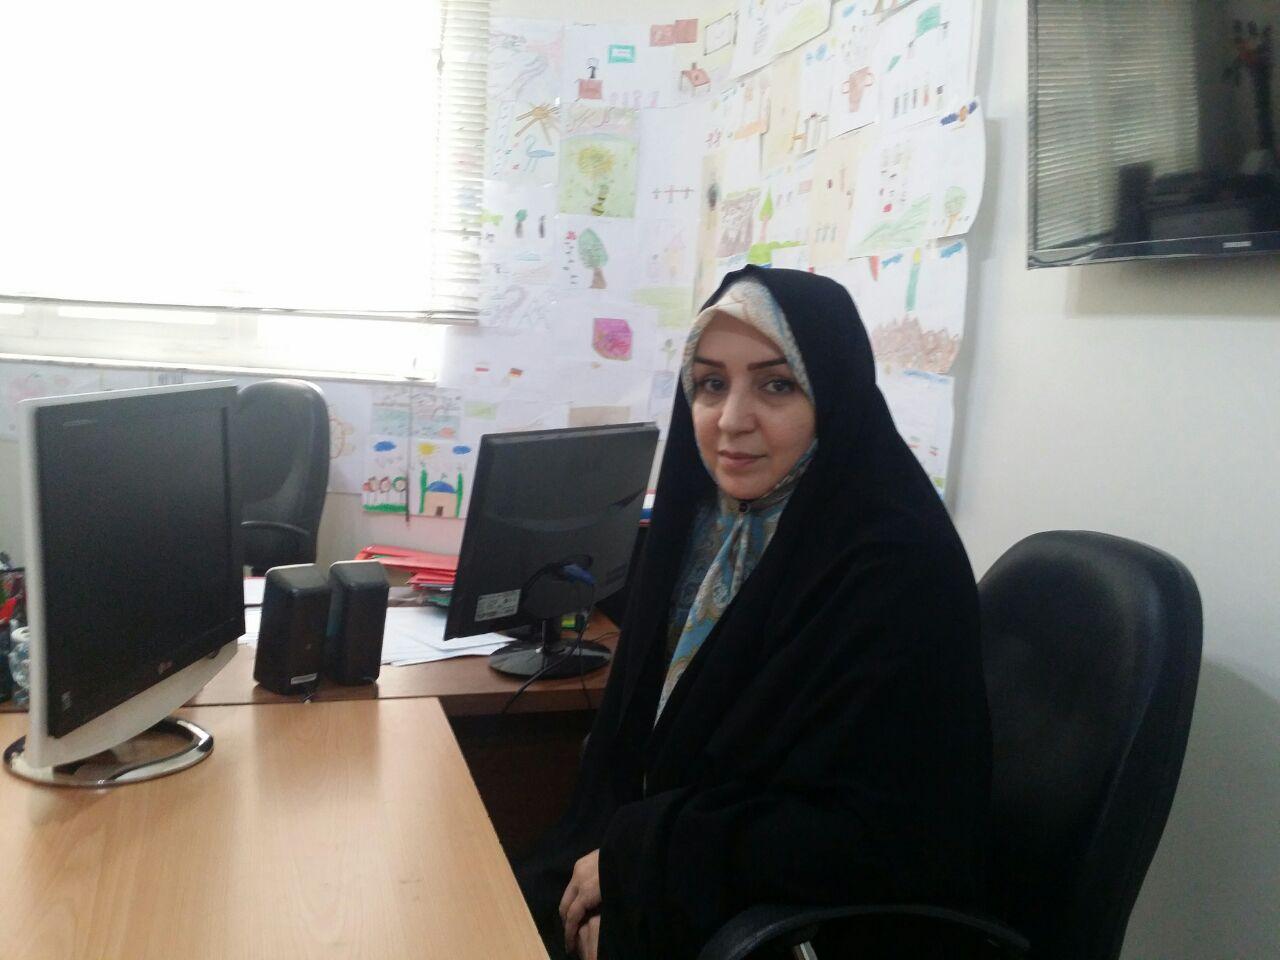 """با """" انجمن دوستداران حقوق کودک """" بیشتر آشنا شویم / گزارش از : حسن دشتی"""